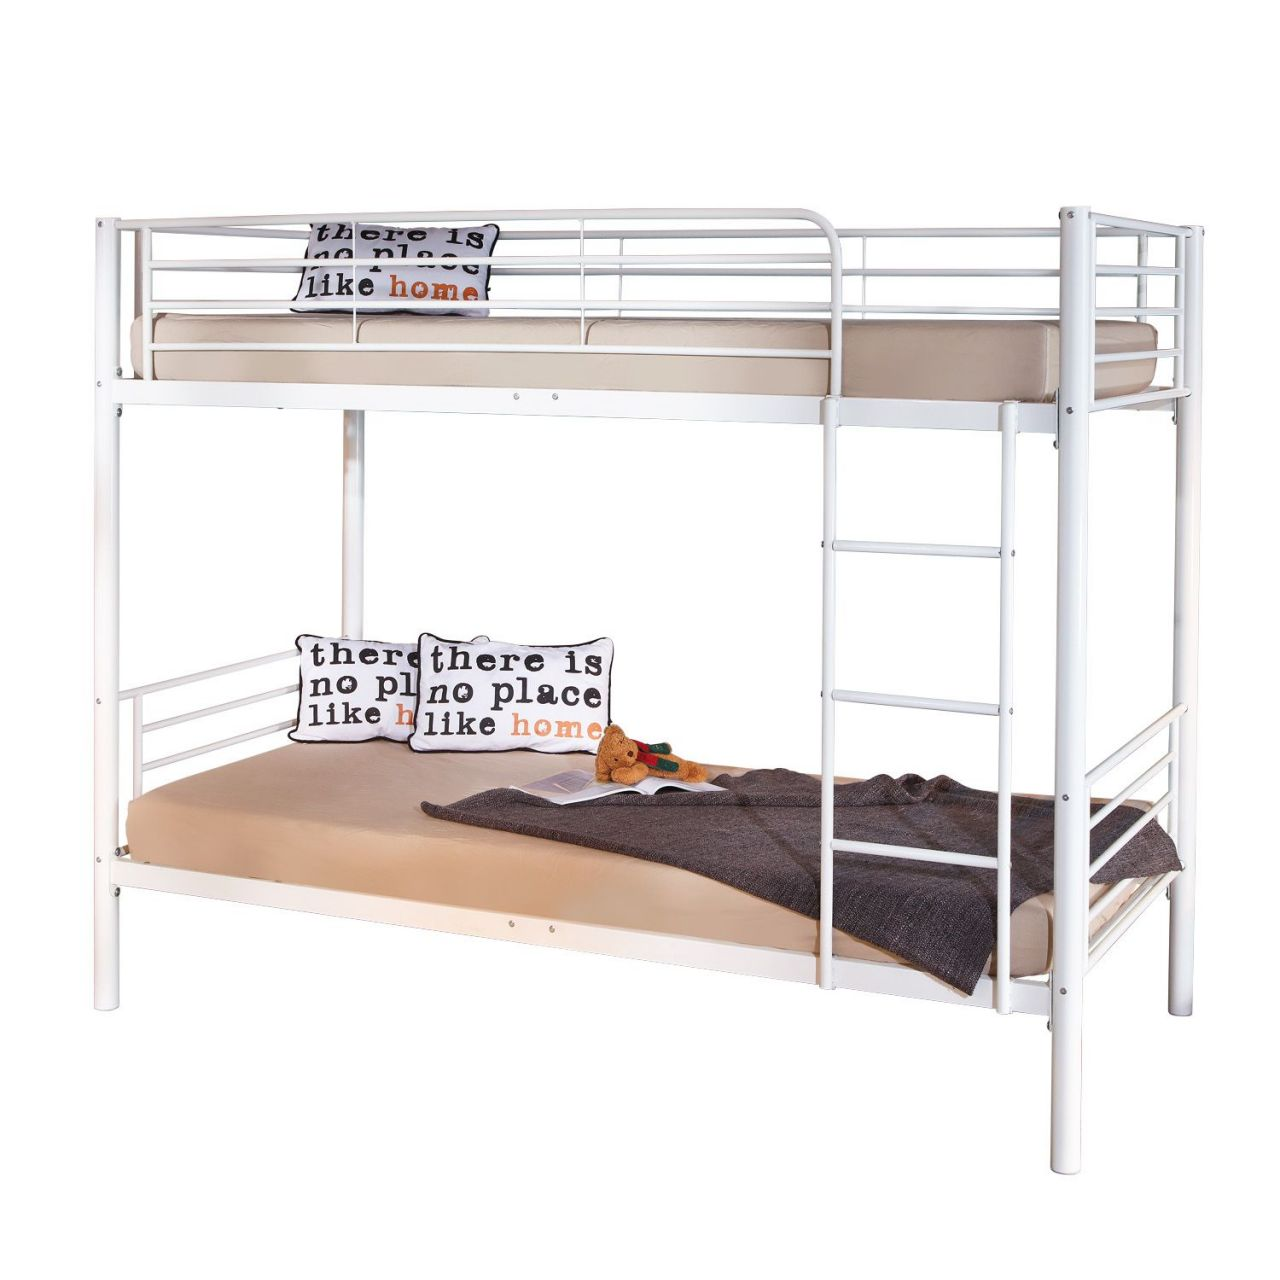 Bett weiß metall  Etagenbett Bett Metall weiß Leiter Lattenroste Absturzschutz L-Emil ...